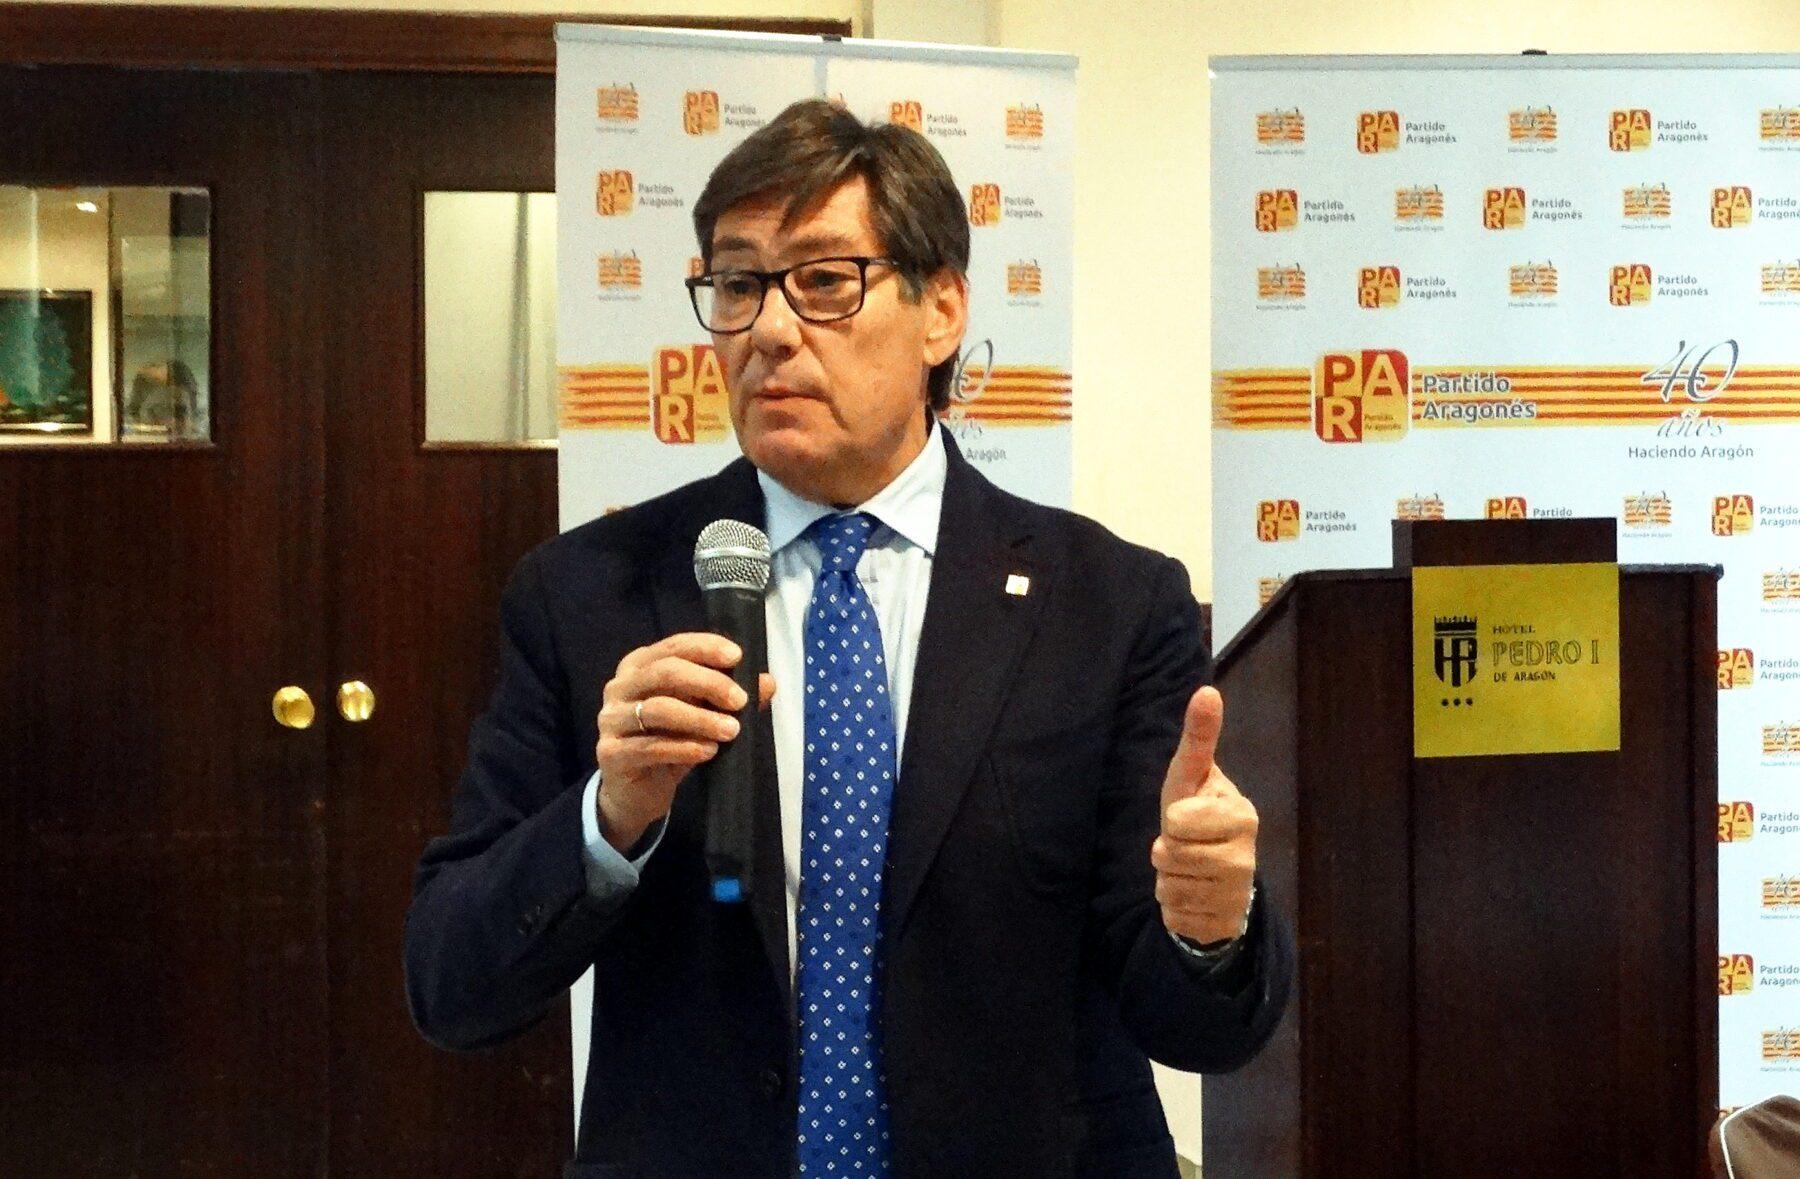 Día del Militante PAR Alto Aragón 02-12-18 - Arturo Aliaga